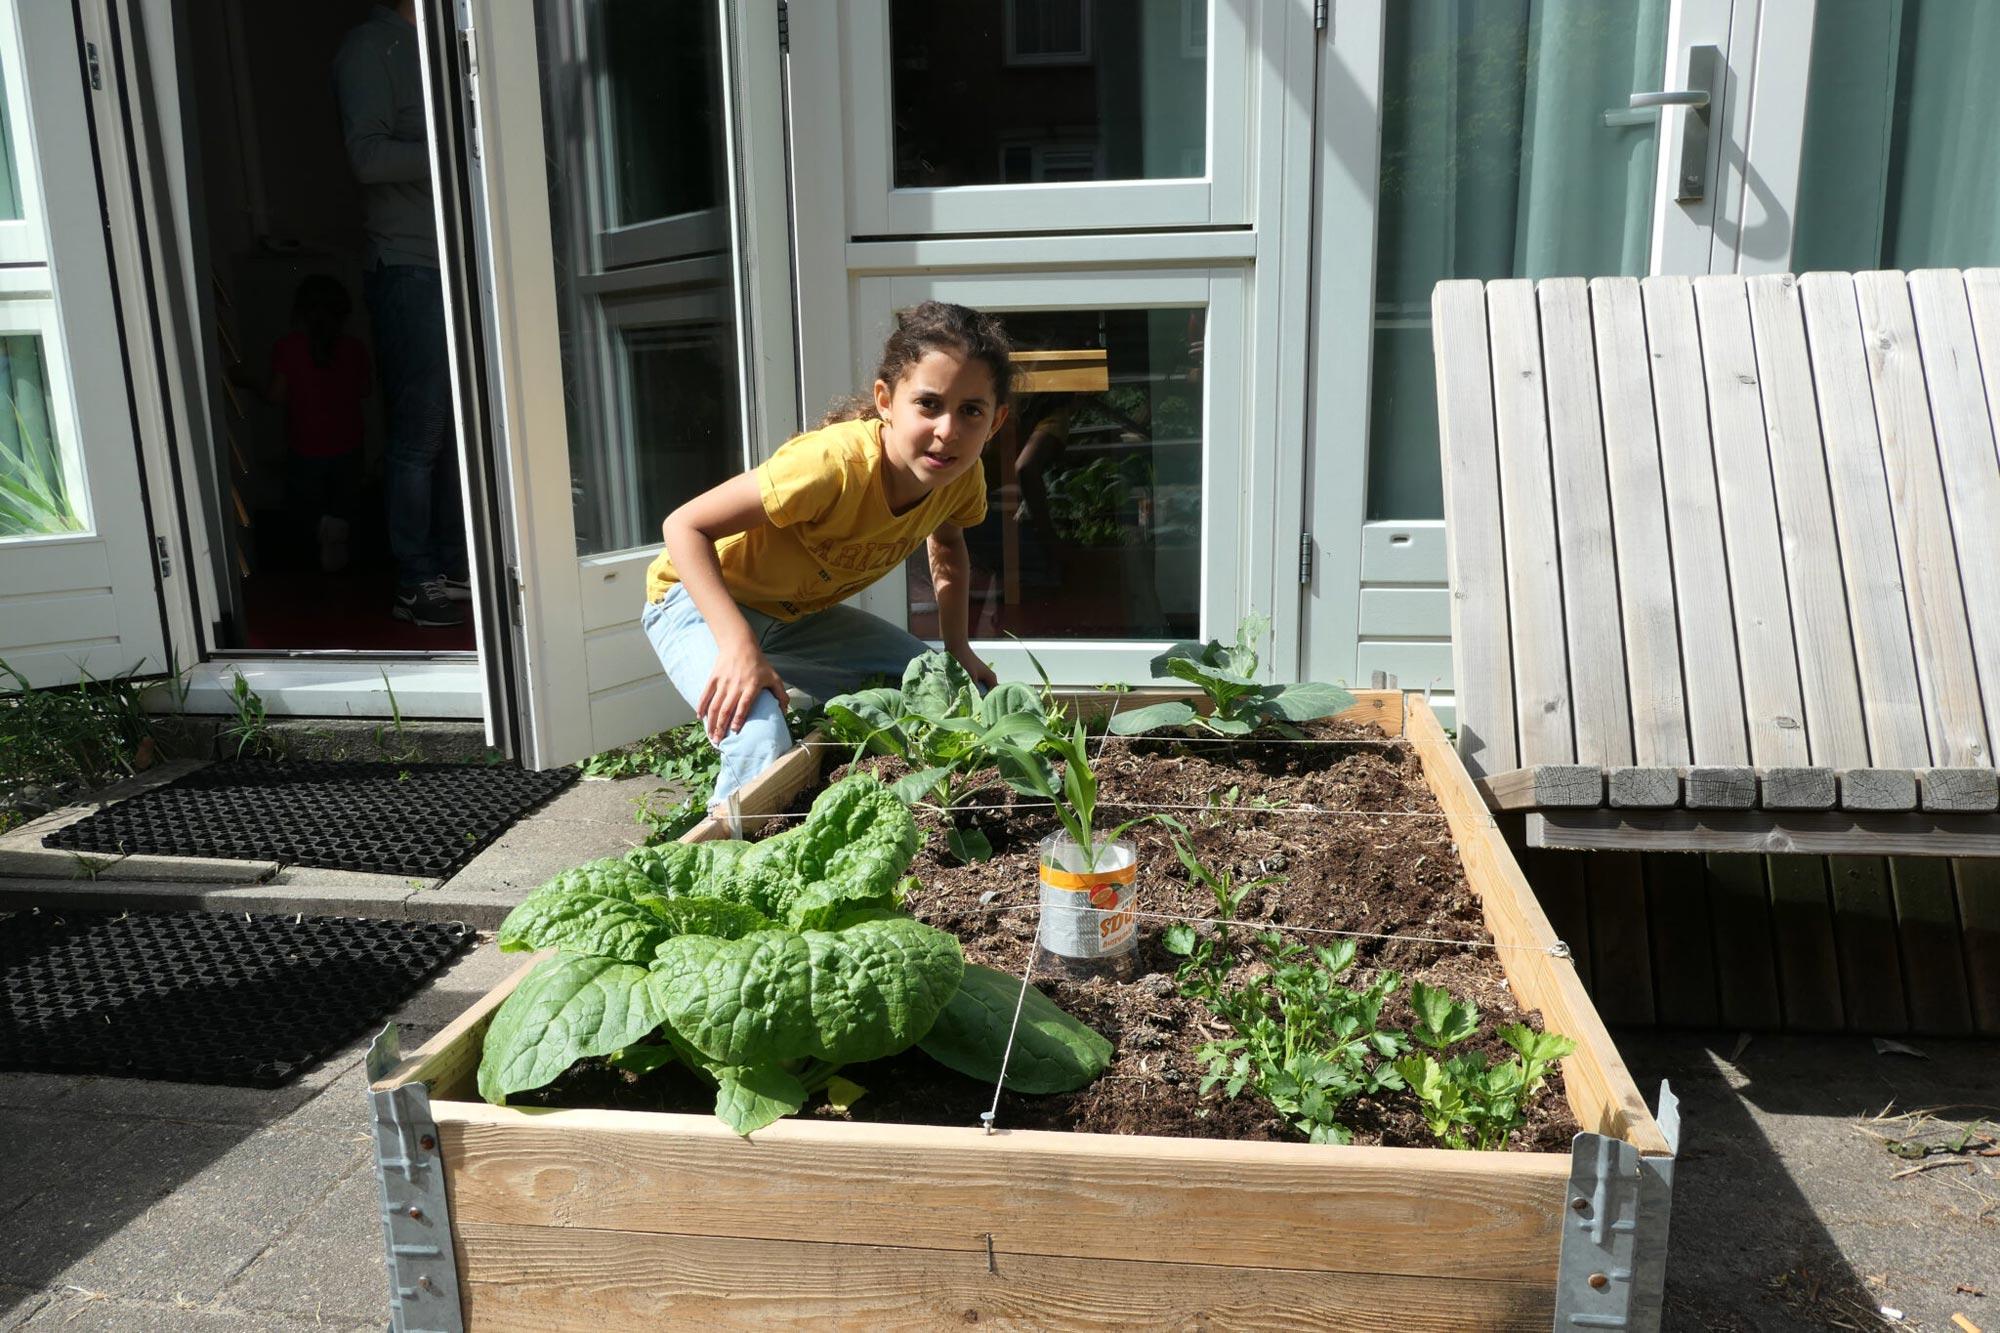 je eigen groente kweken is niet moeilijk!